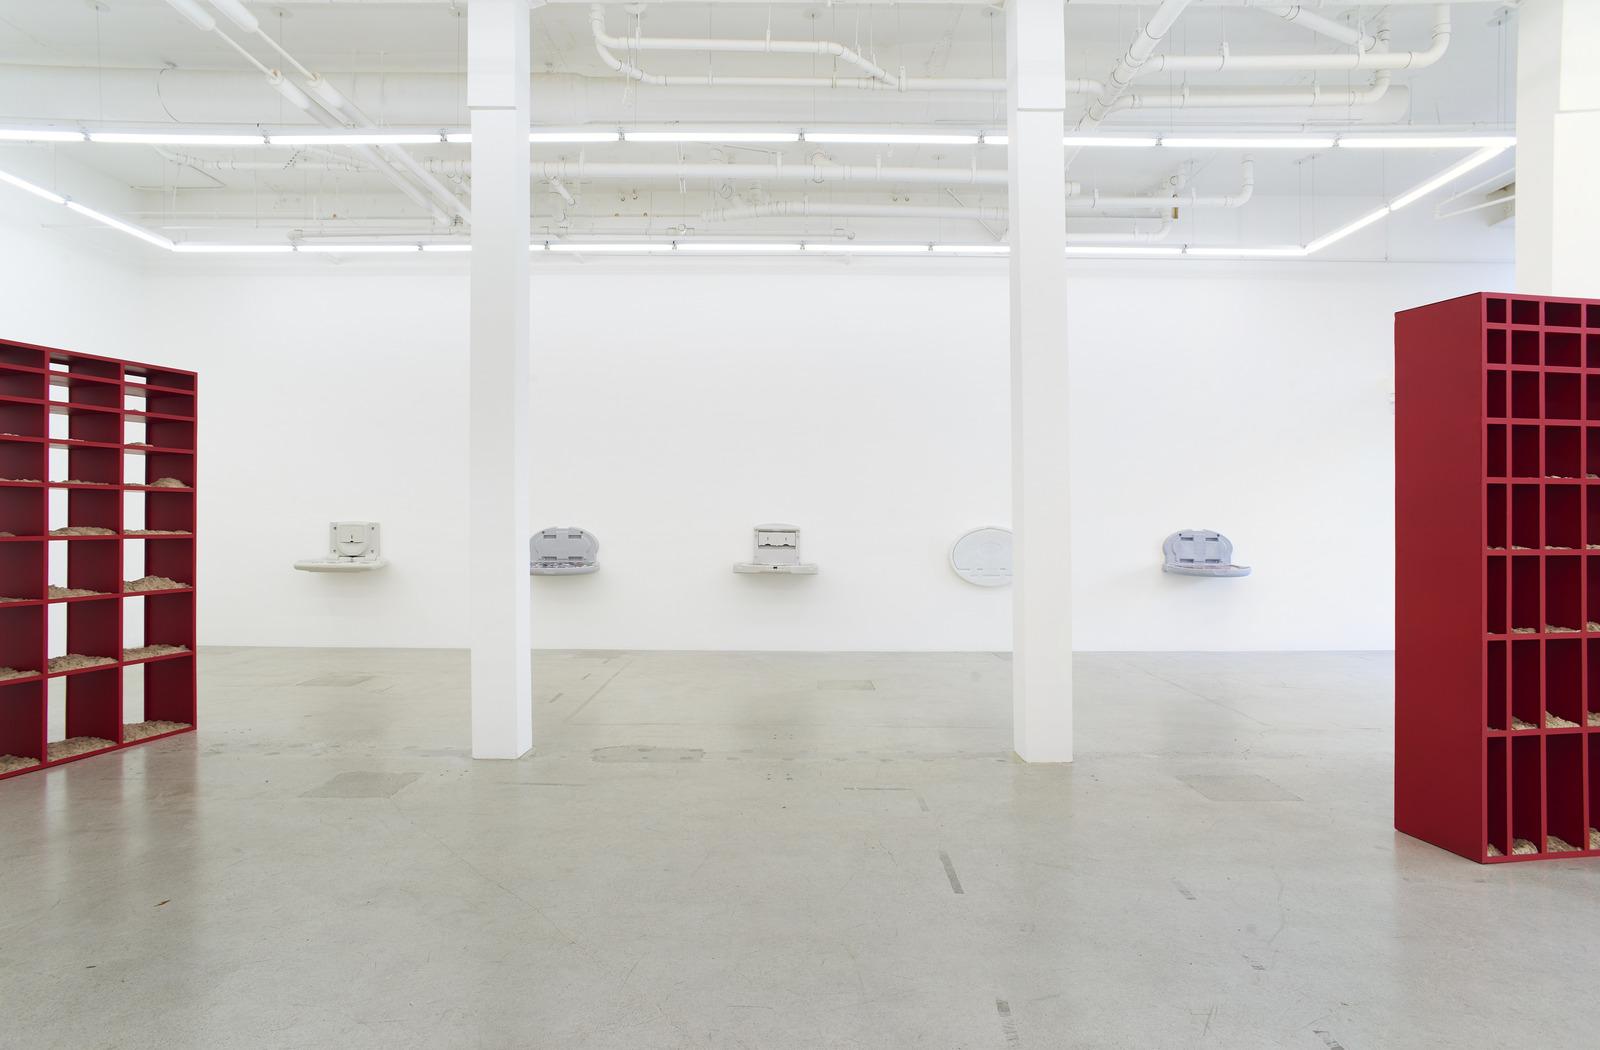 Wermers_Grundstück, 2017_Jessica Silverman Gallery_installation view_013